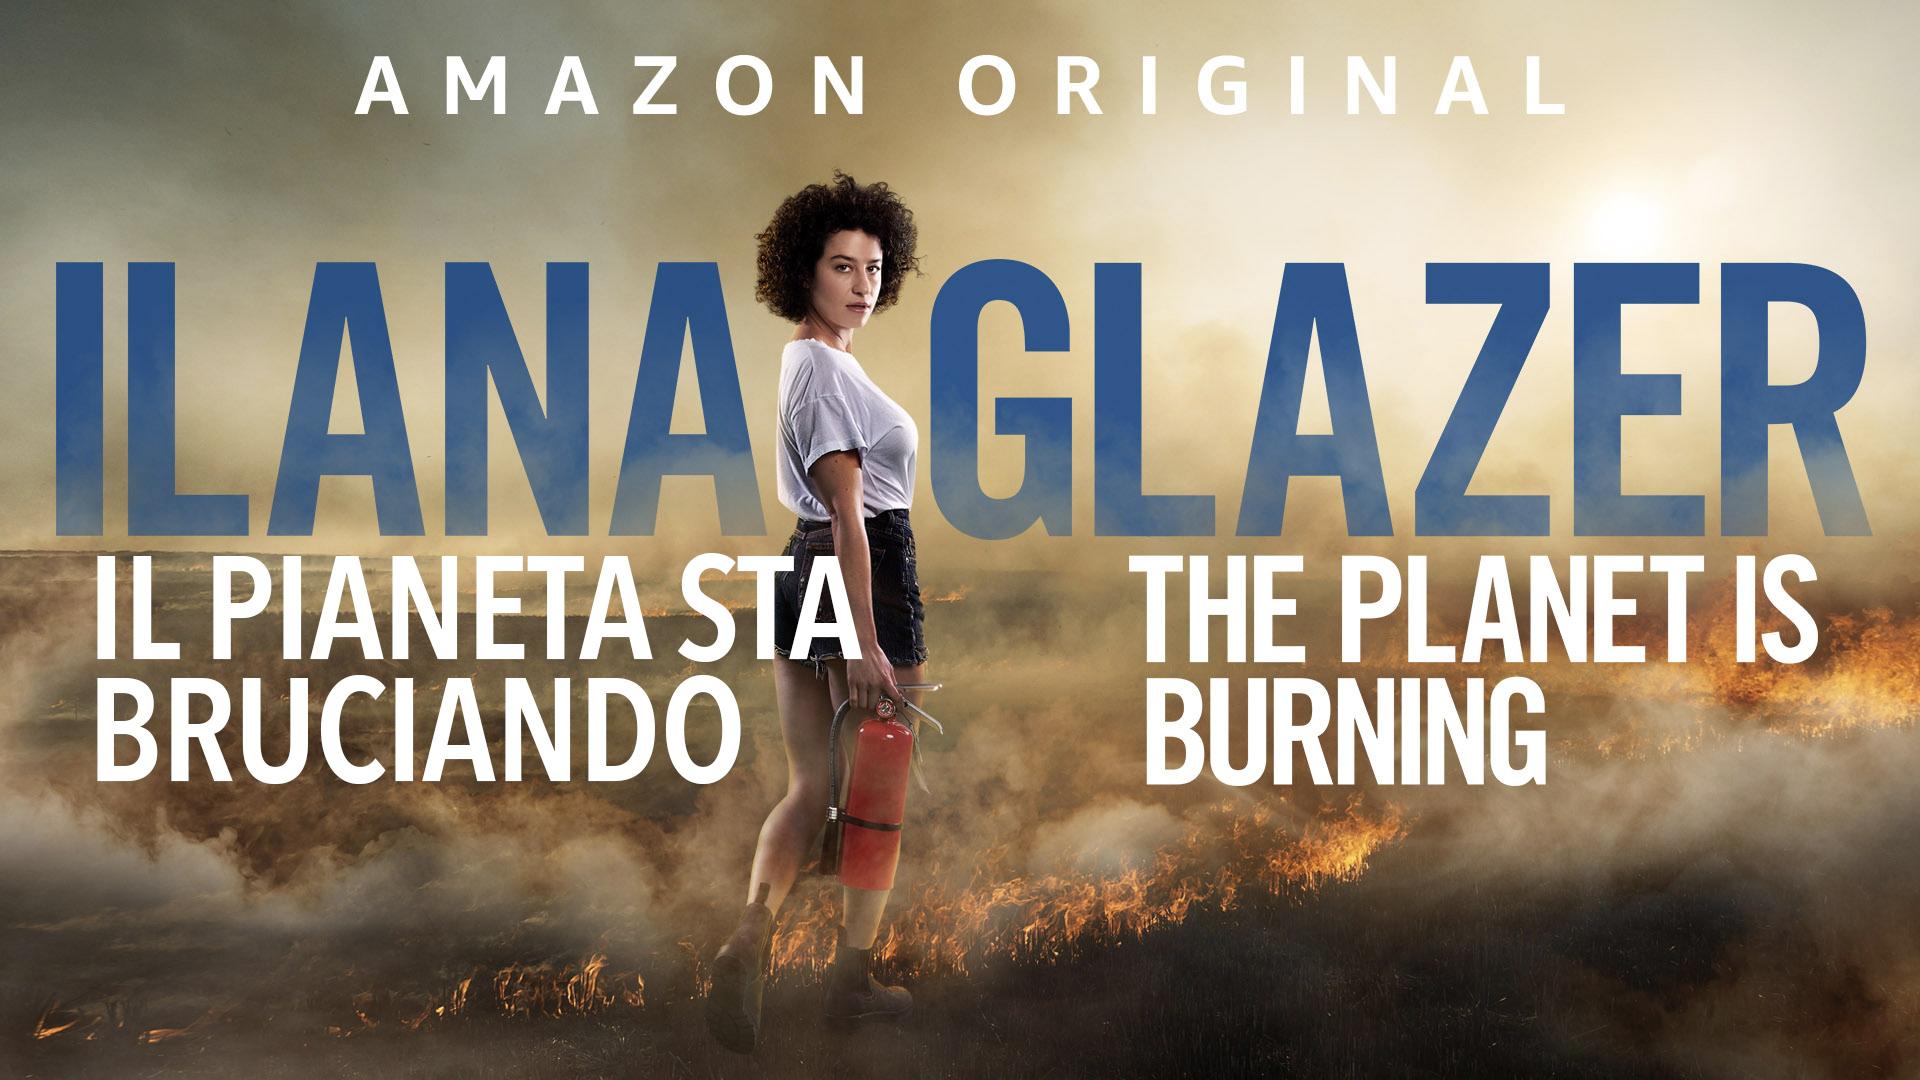 Ilana Glazer: Il pianeta sta bruciando